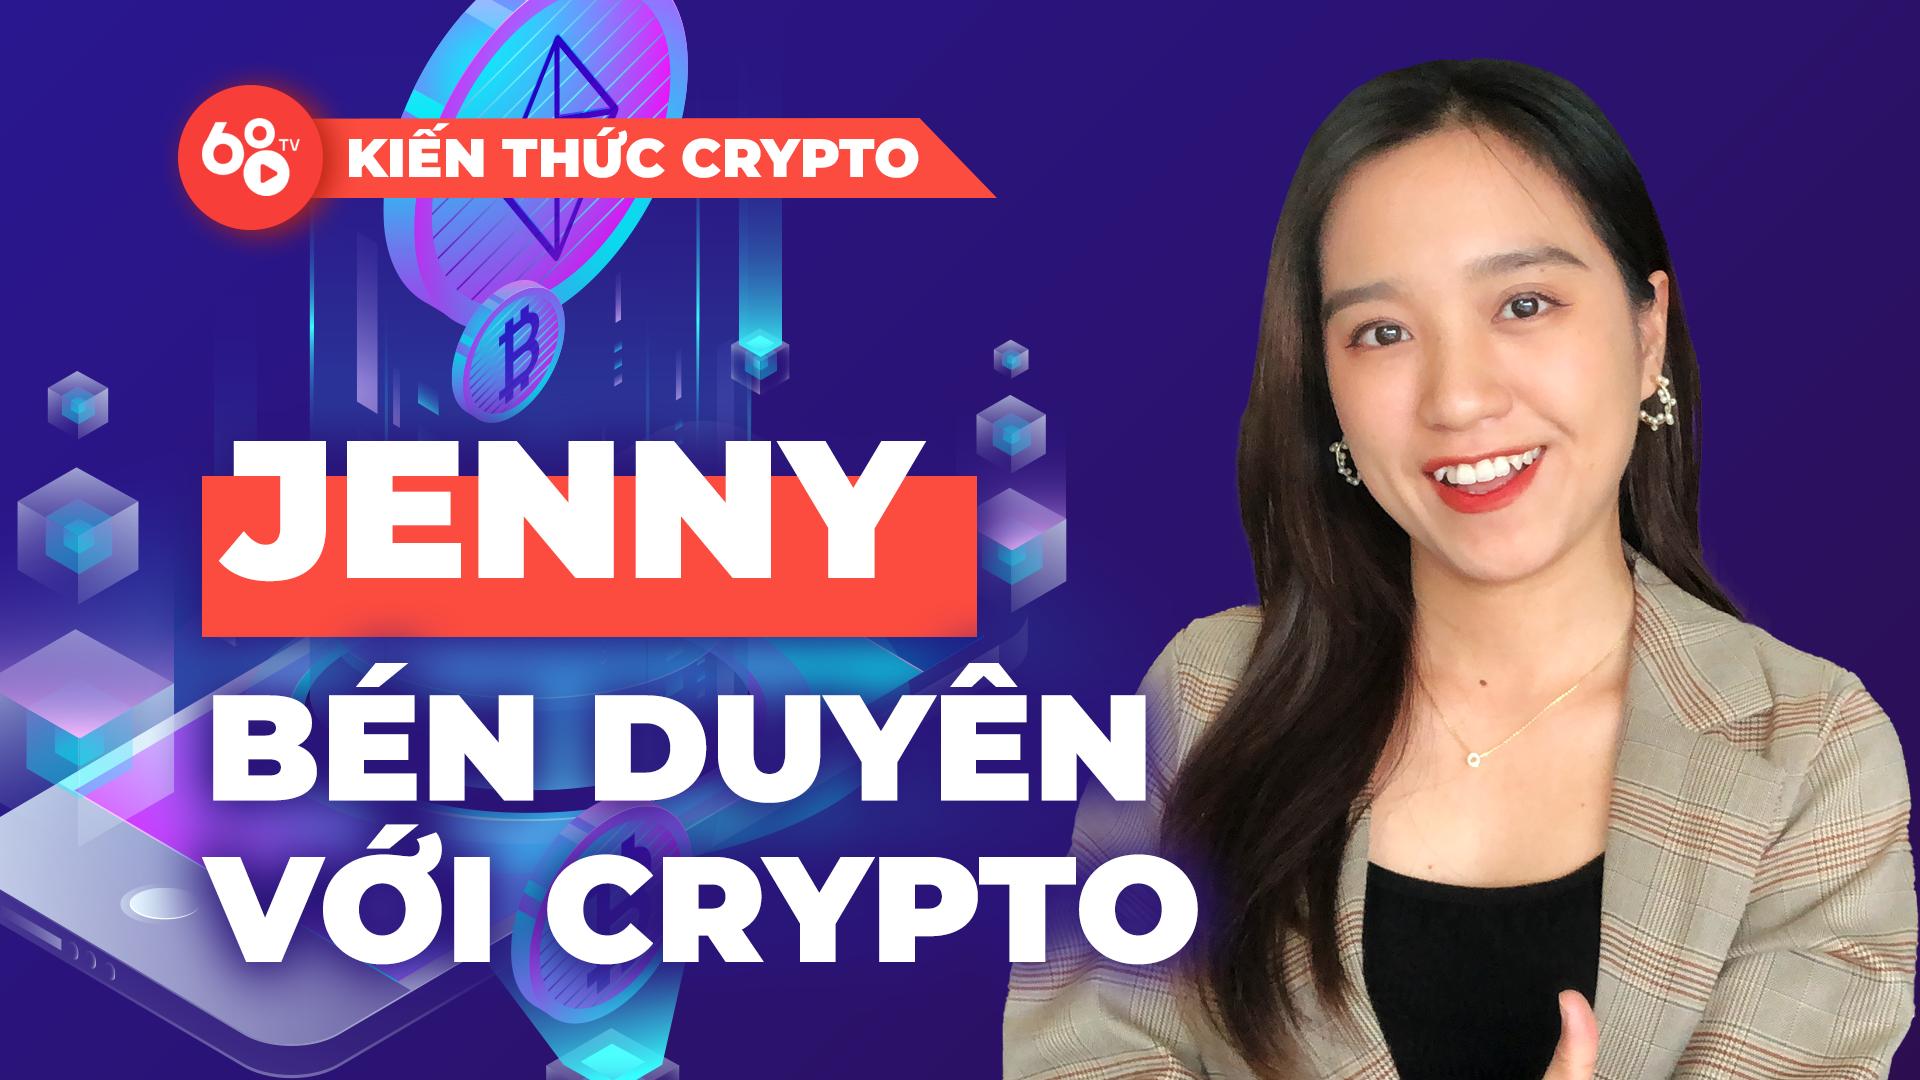 Hành trình Jenny bén duyên với Crypto – Mình đã tham gia thị trường tiền mã hóa như thế nào